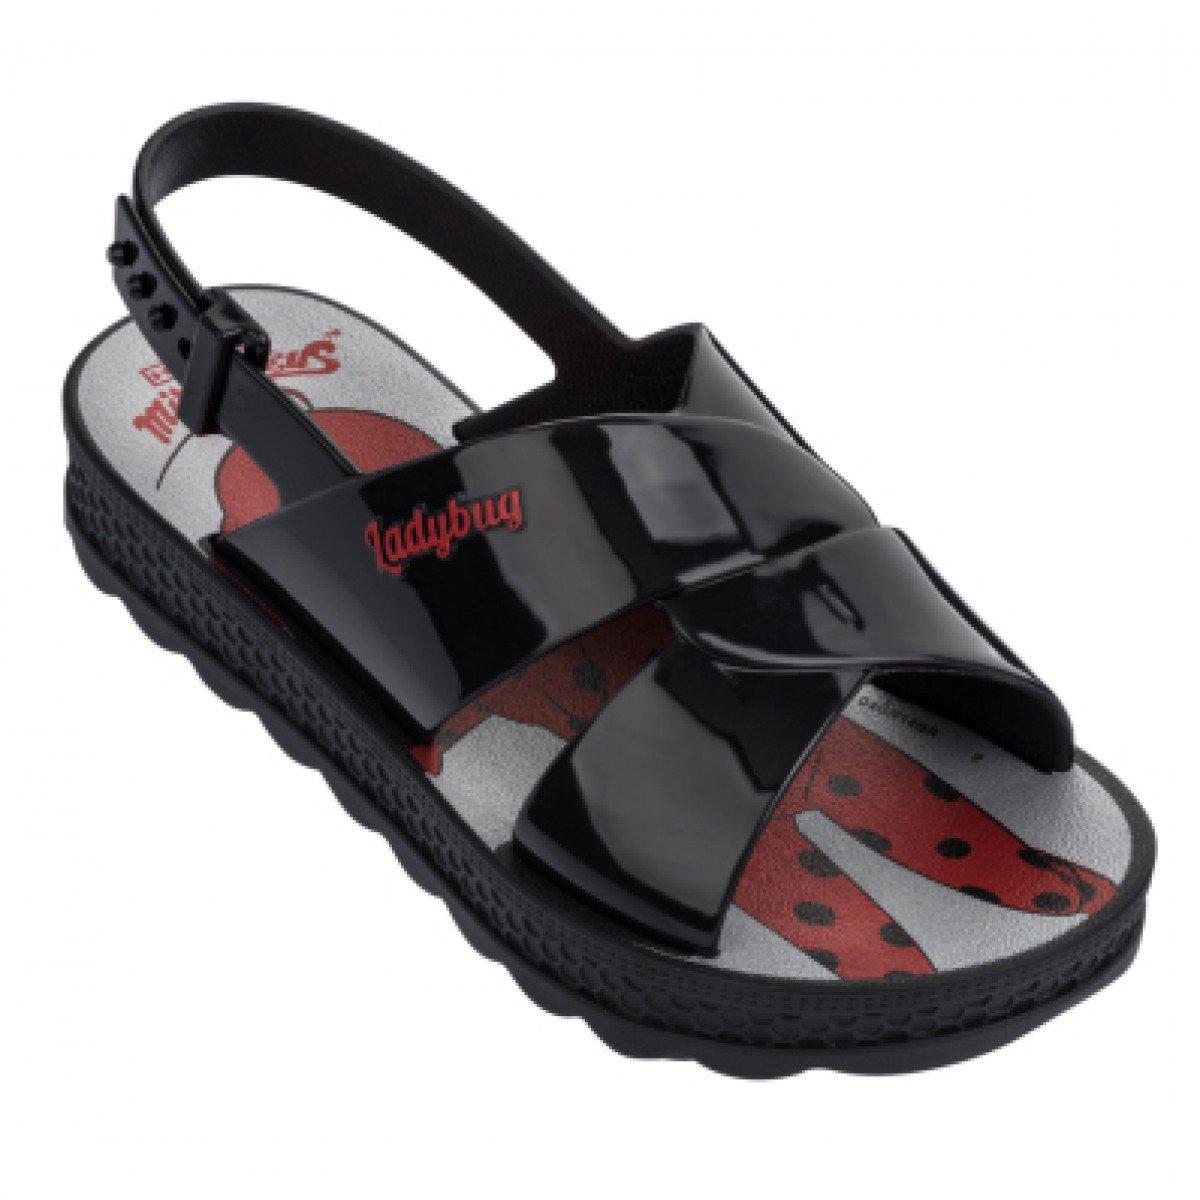 60893a096 Sandália Grendene Ladybug Trip Bag Preta - Compre Agora | Cabana ...